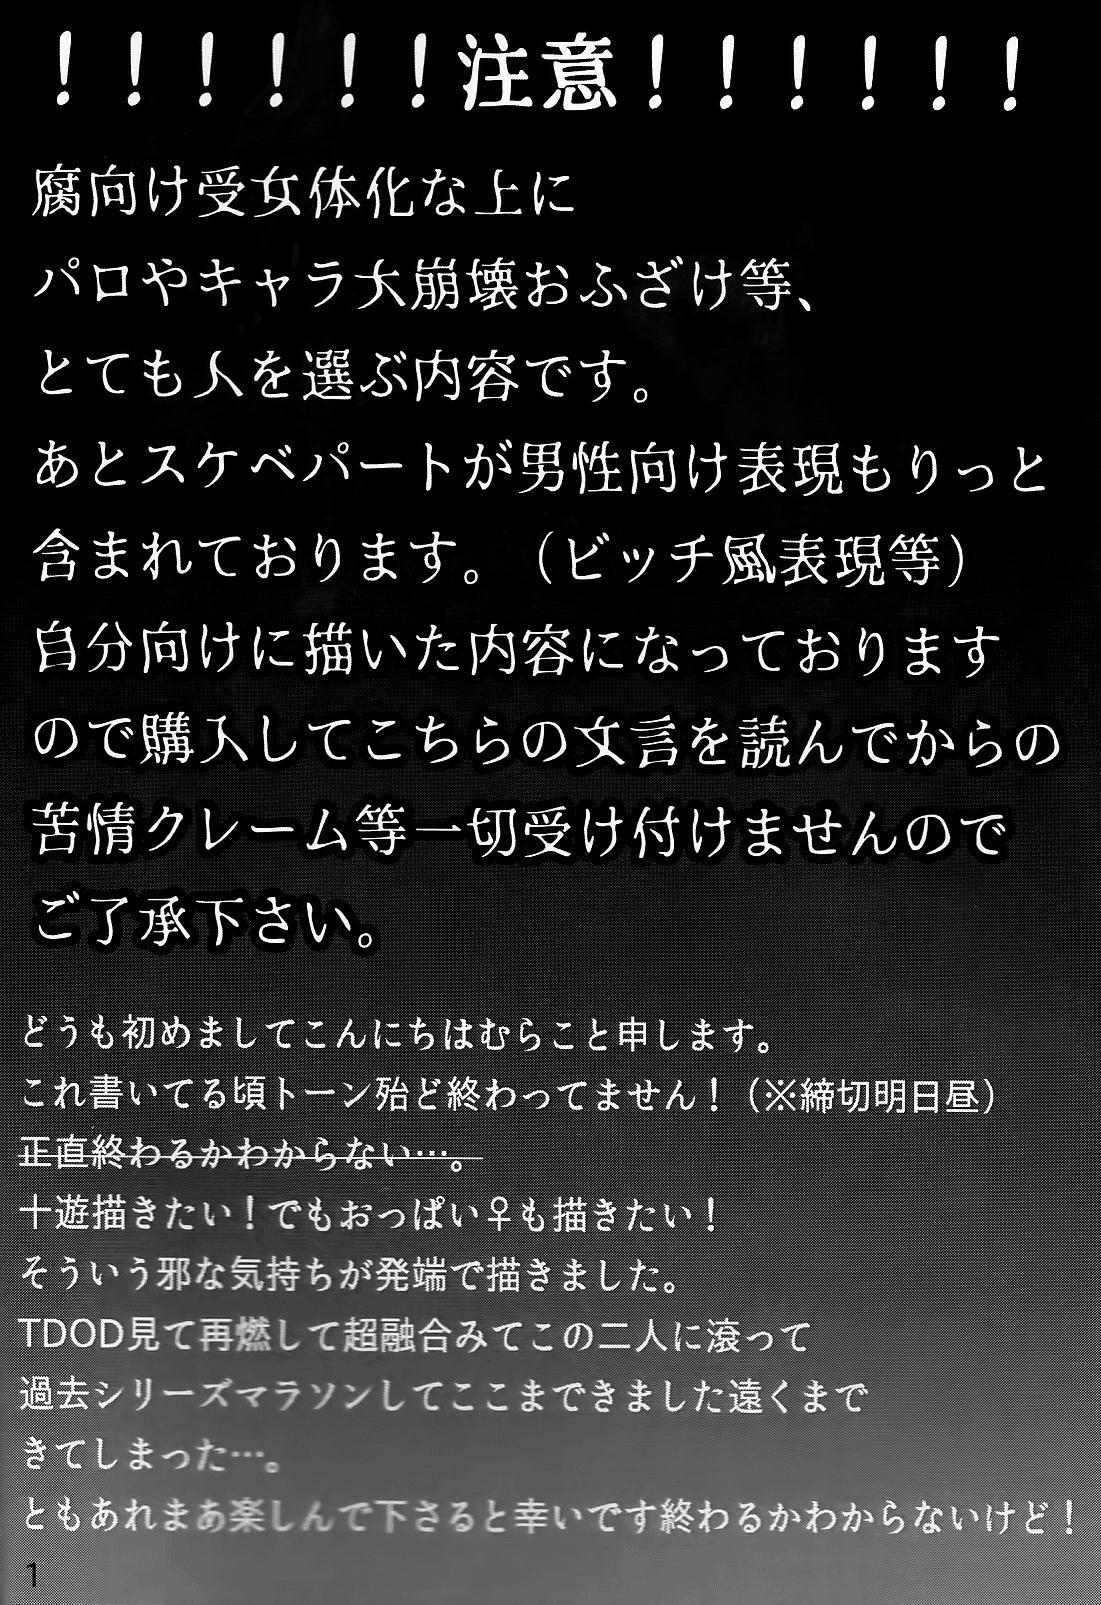 (Sennen Battle Phase 19) [Monpe Kagekiha (Murako)] Doutei Dai-san to Donkan Sei-san ♀ ga Koibito ni naru made no Yakusuun Hi (Yu-Gi-Oh! GX, Yu-Gi-Oh! 5D's) [English] [biribiri] 1